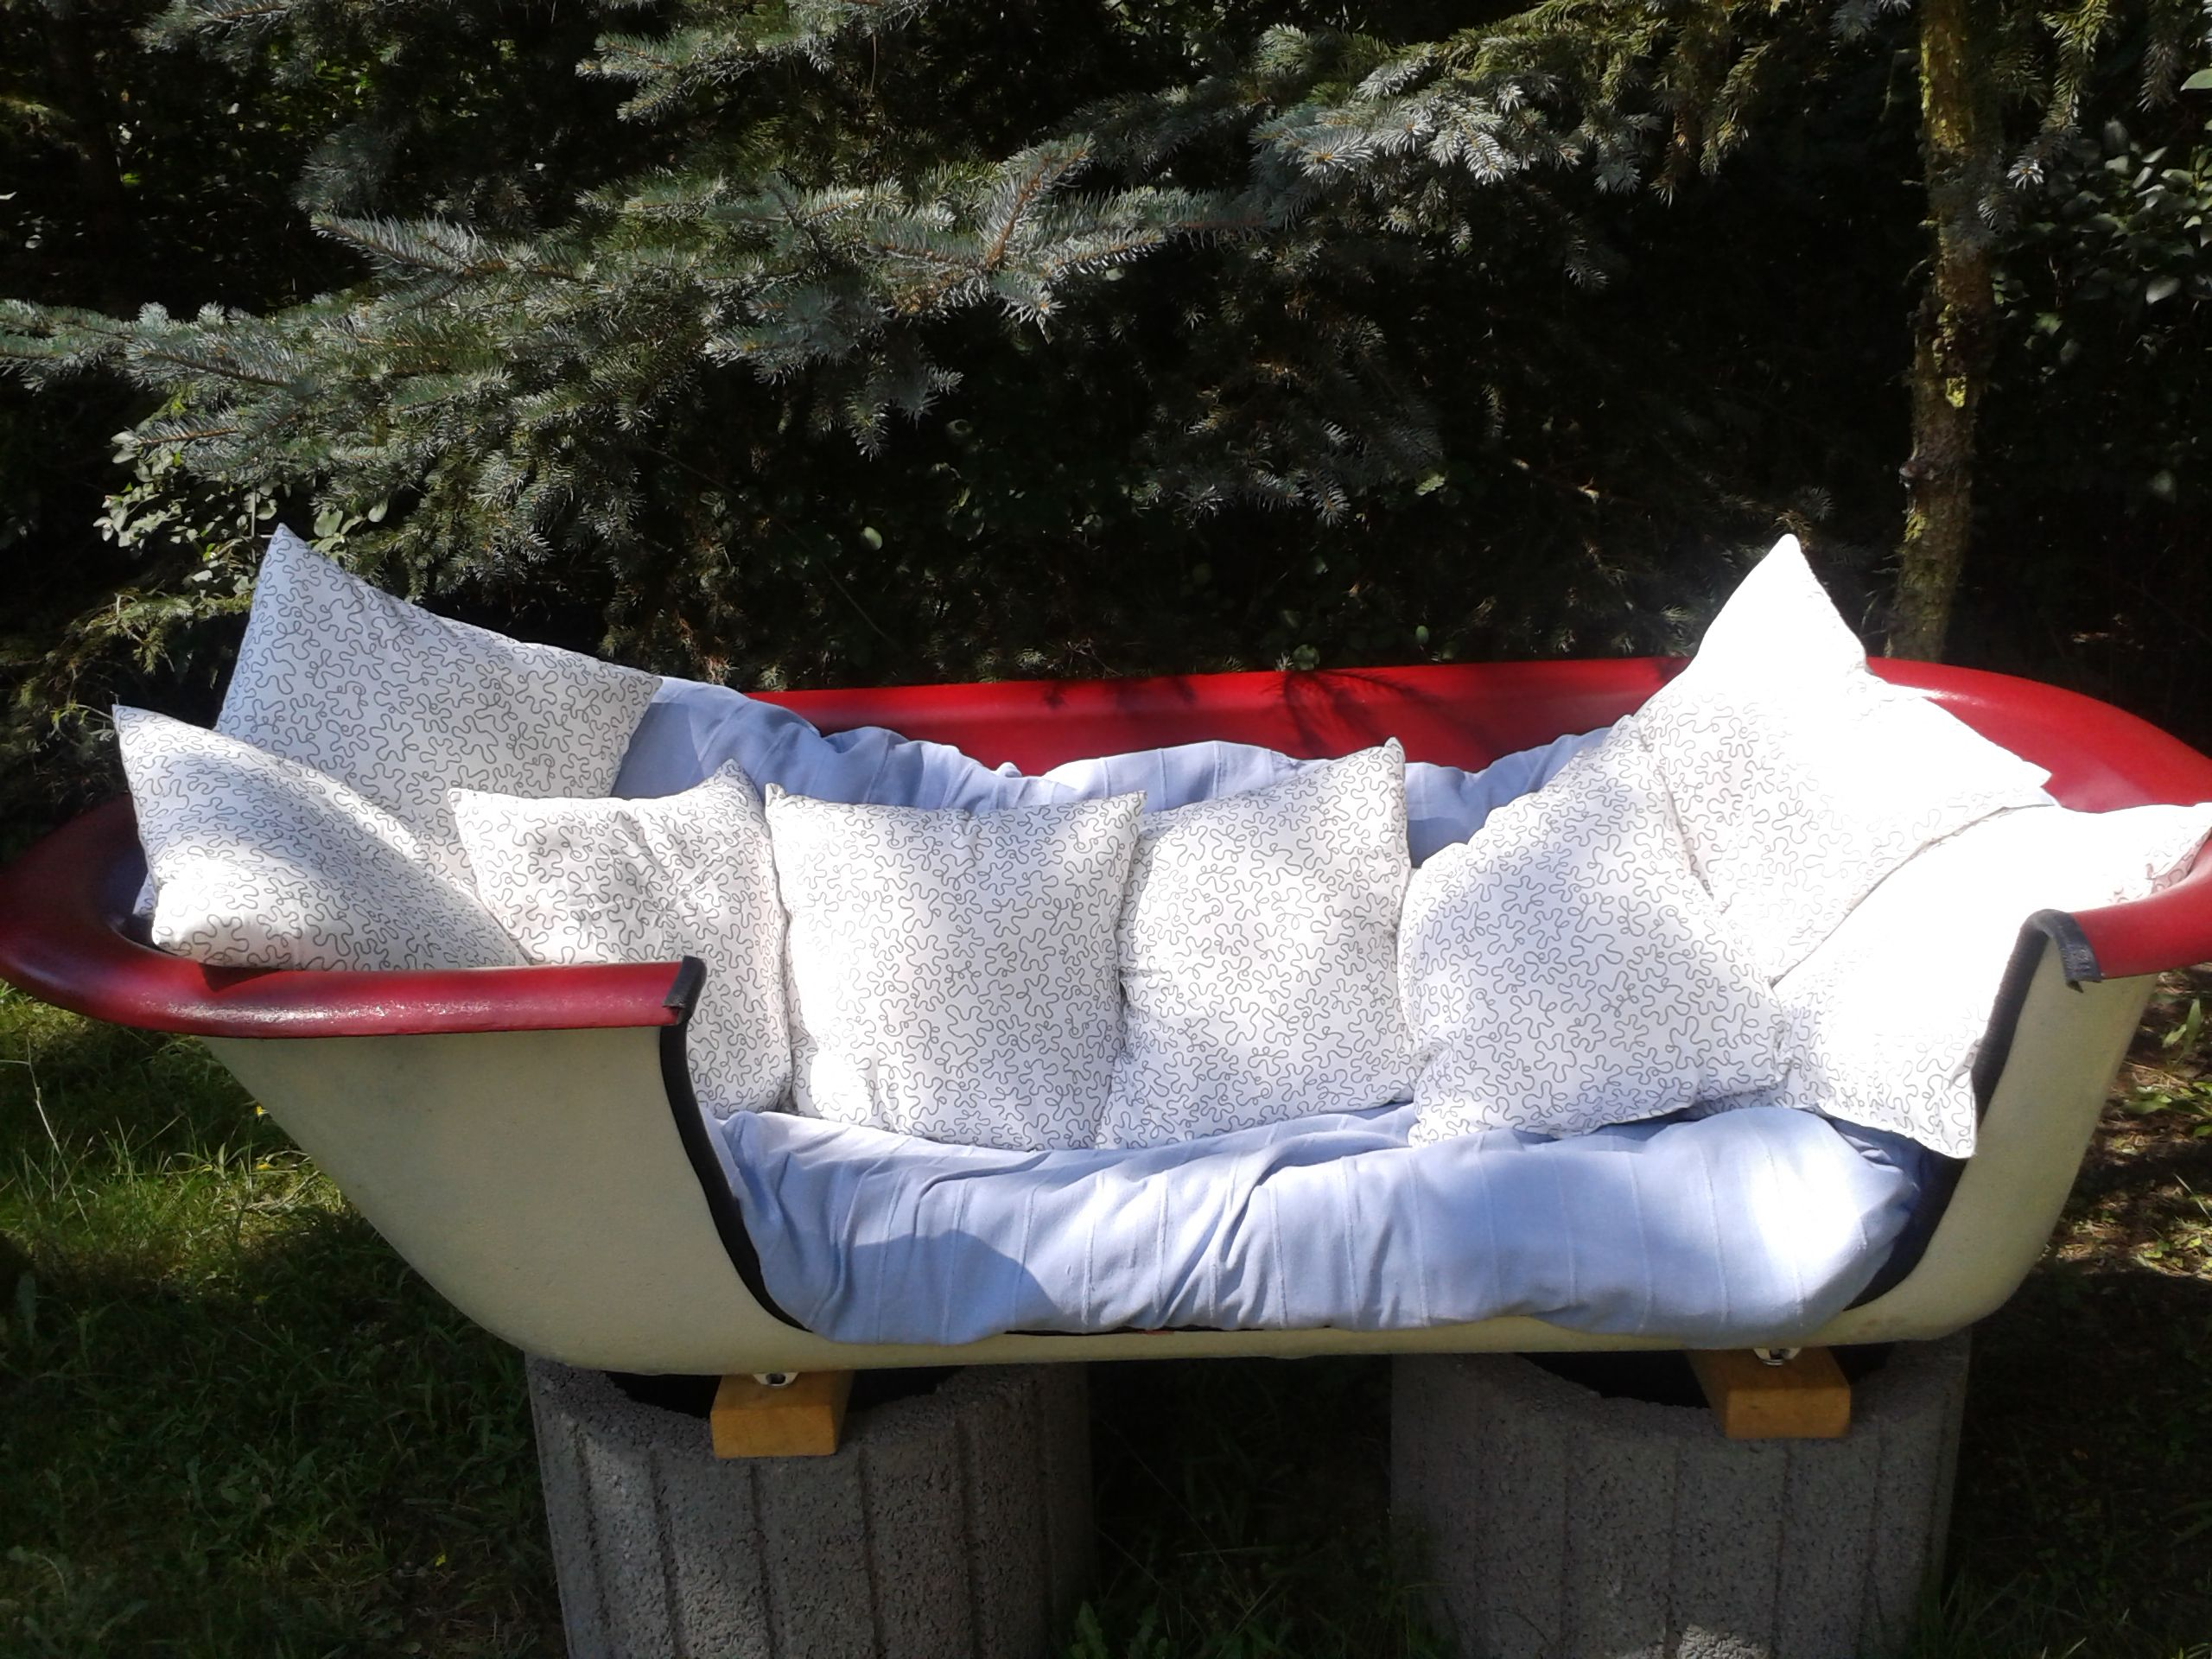 unsere alte badewanne die den vorbesitzern als teich diente haben wir ausgebuddelt und. Black Bedroom Furniture Sets. Home Design Ideas